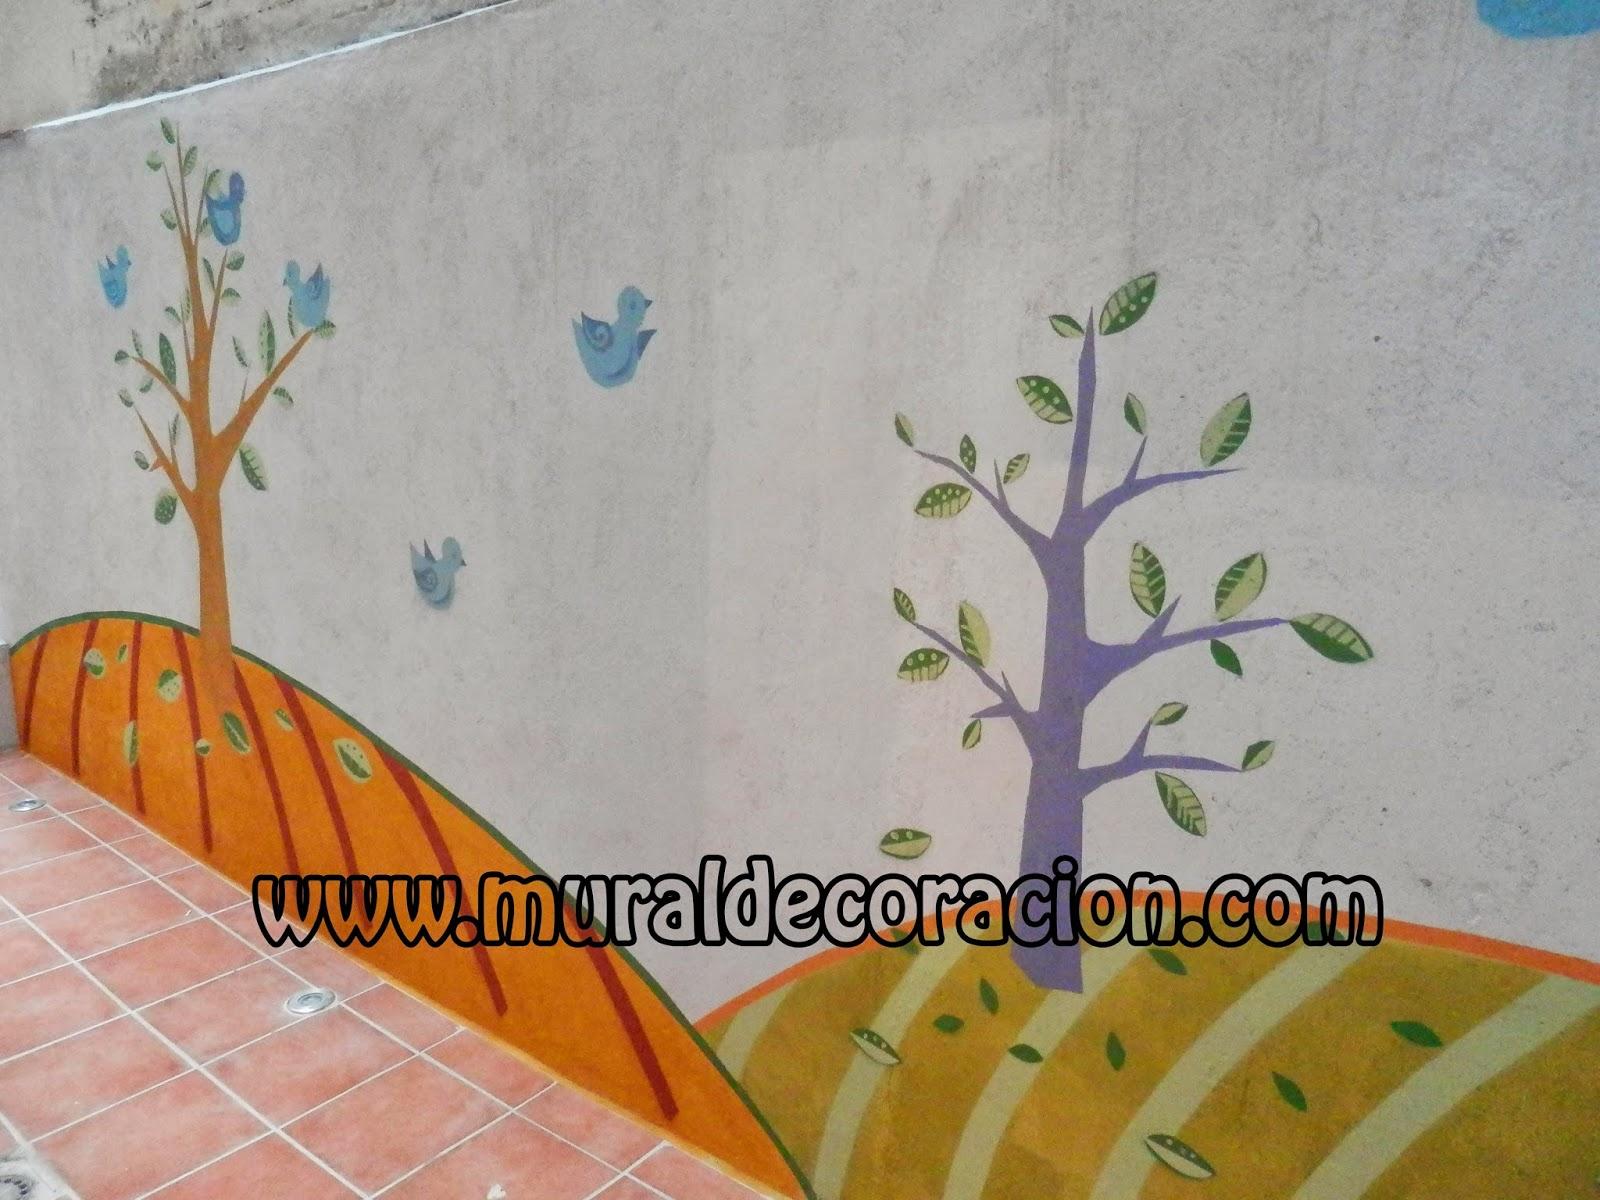 DECORACIONES ARTÍSTICAS EN MADRID Y MURCIA